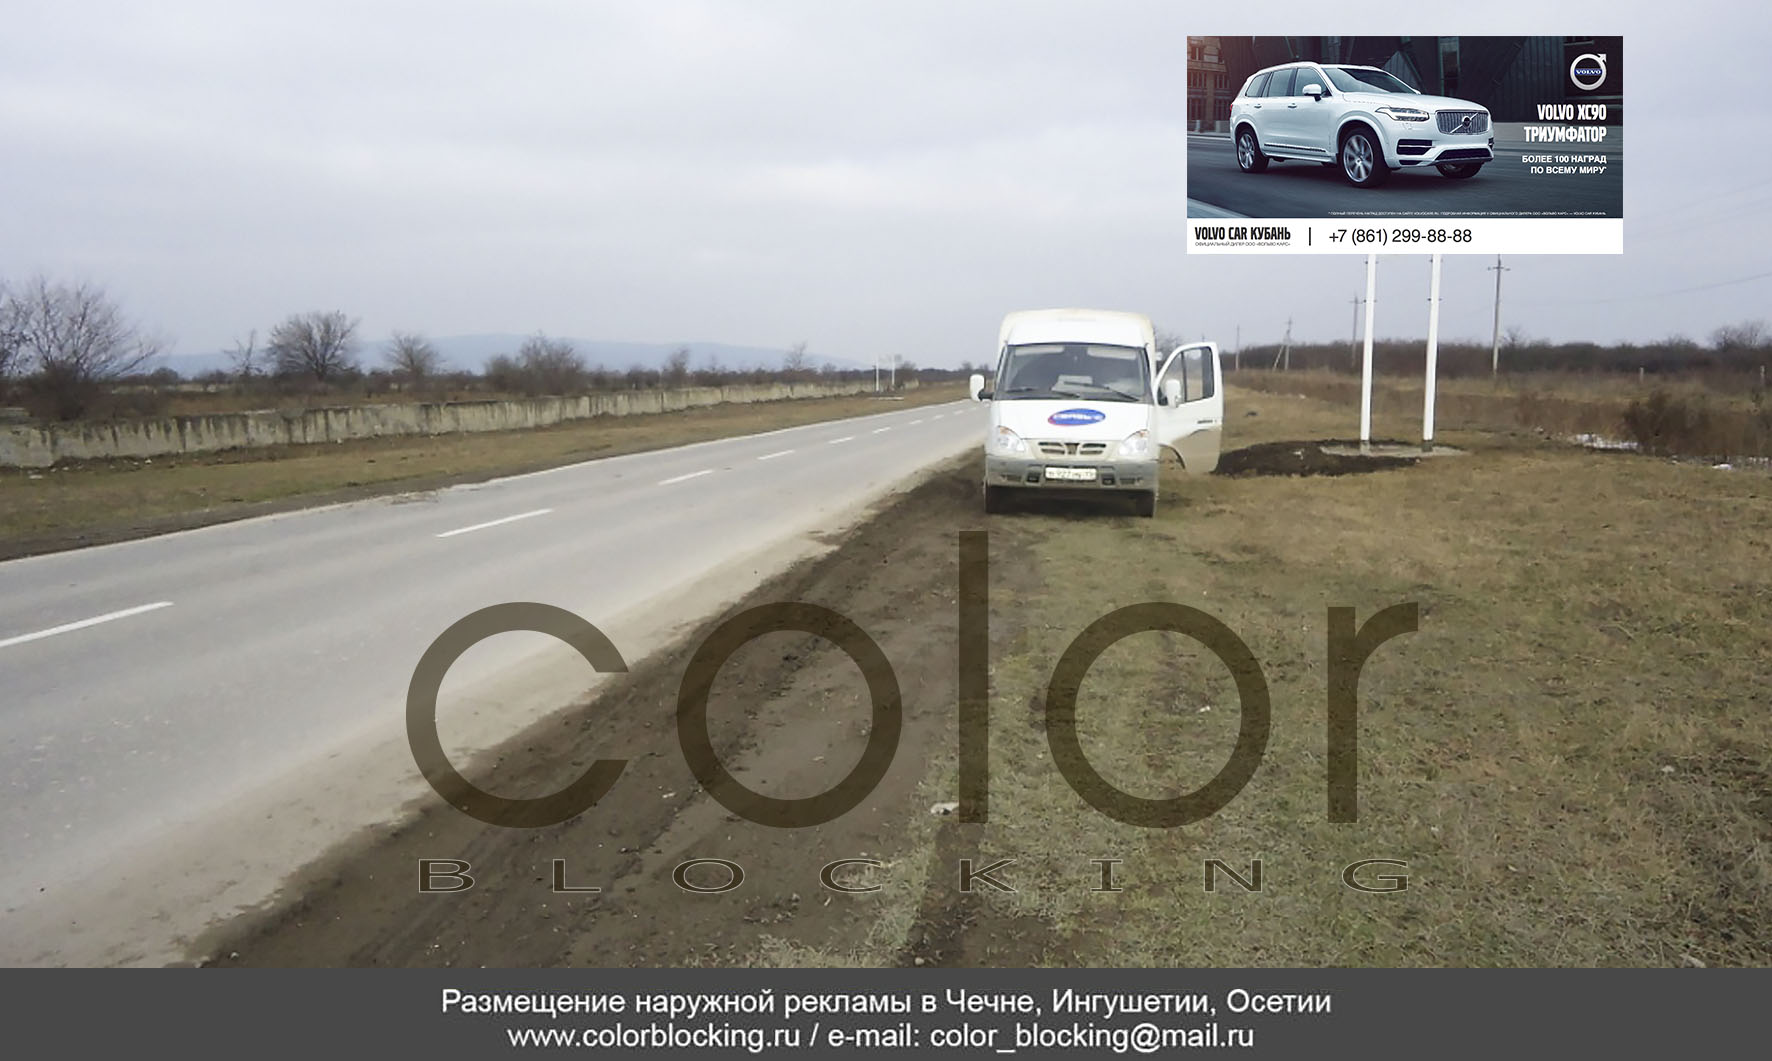 Наружная реклама в населенных пунктах Чечни билборд